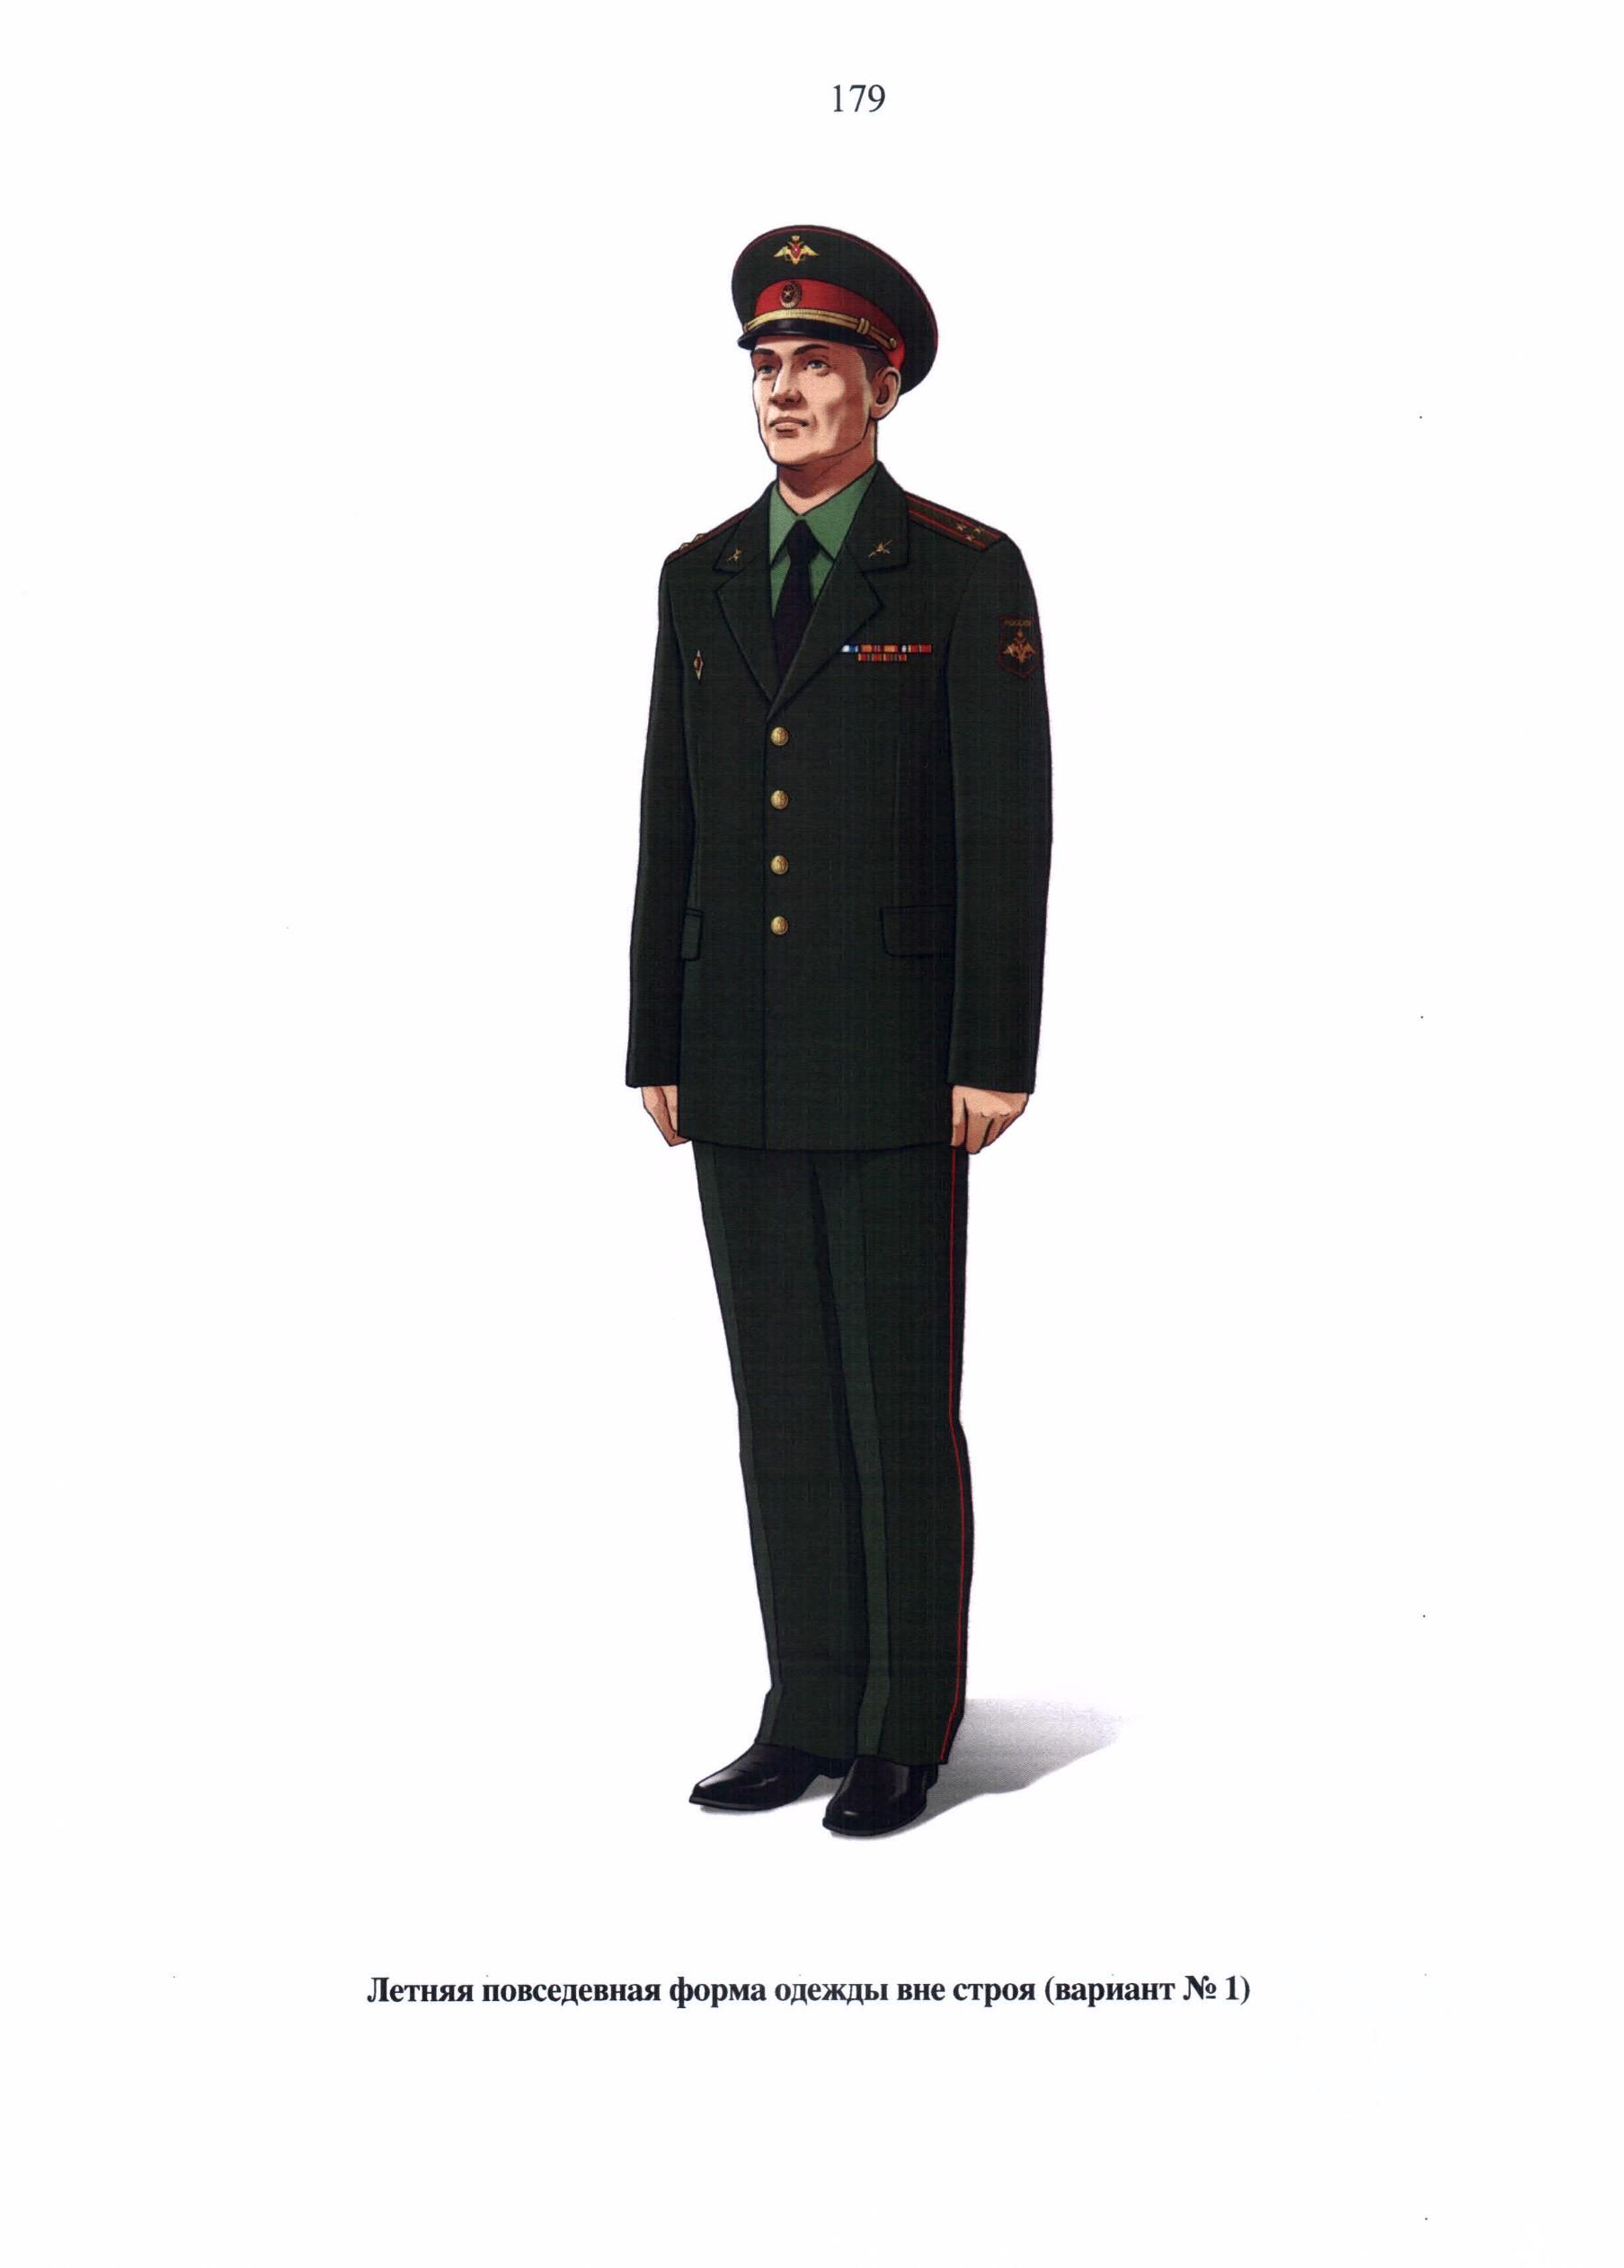 C:\Users\User\Desktop\Приказ МО РФ от 22.06.2015 г. № 300 Правила ношения военной формы одежды\181848.JPG